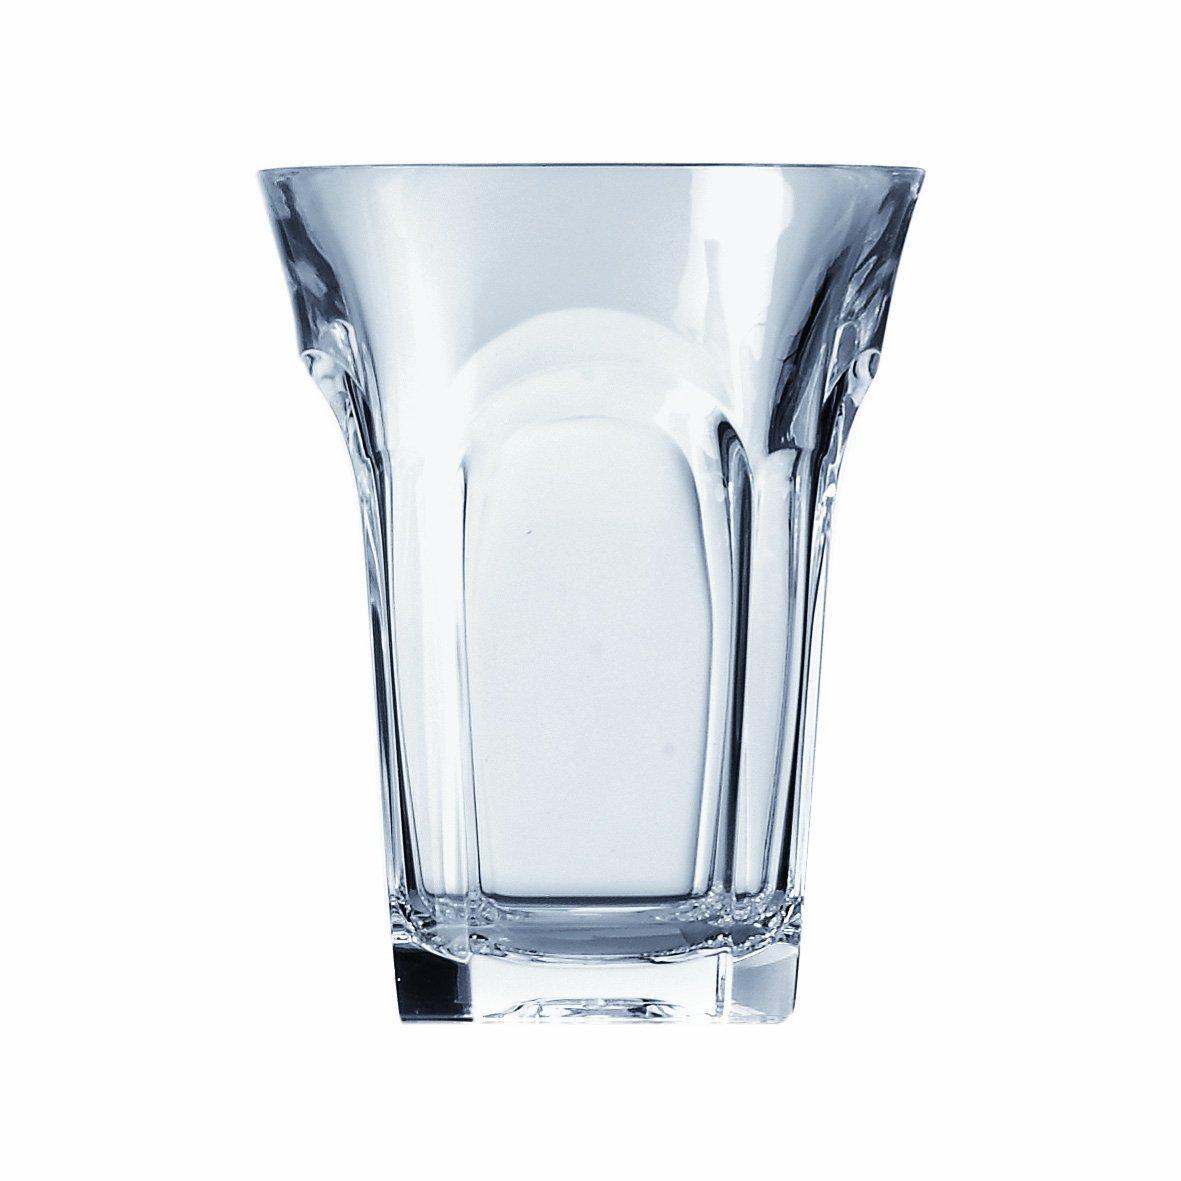 Guzzini Belle Epoque Bicchiere Alto /Ø9,7 x H 14 cm Rosso